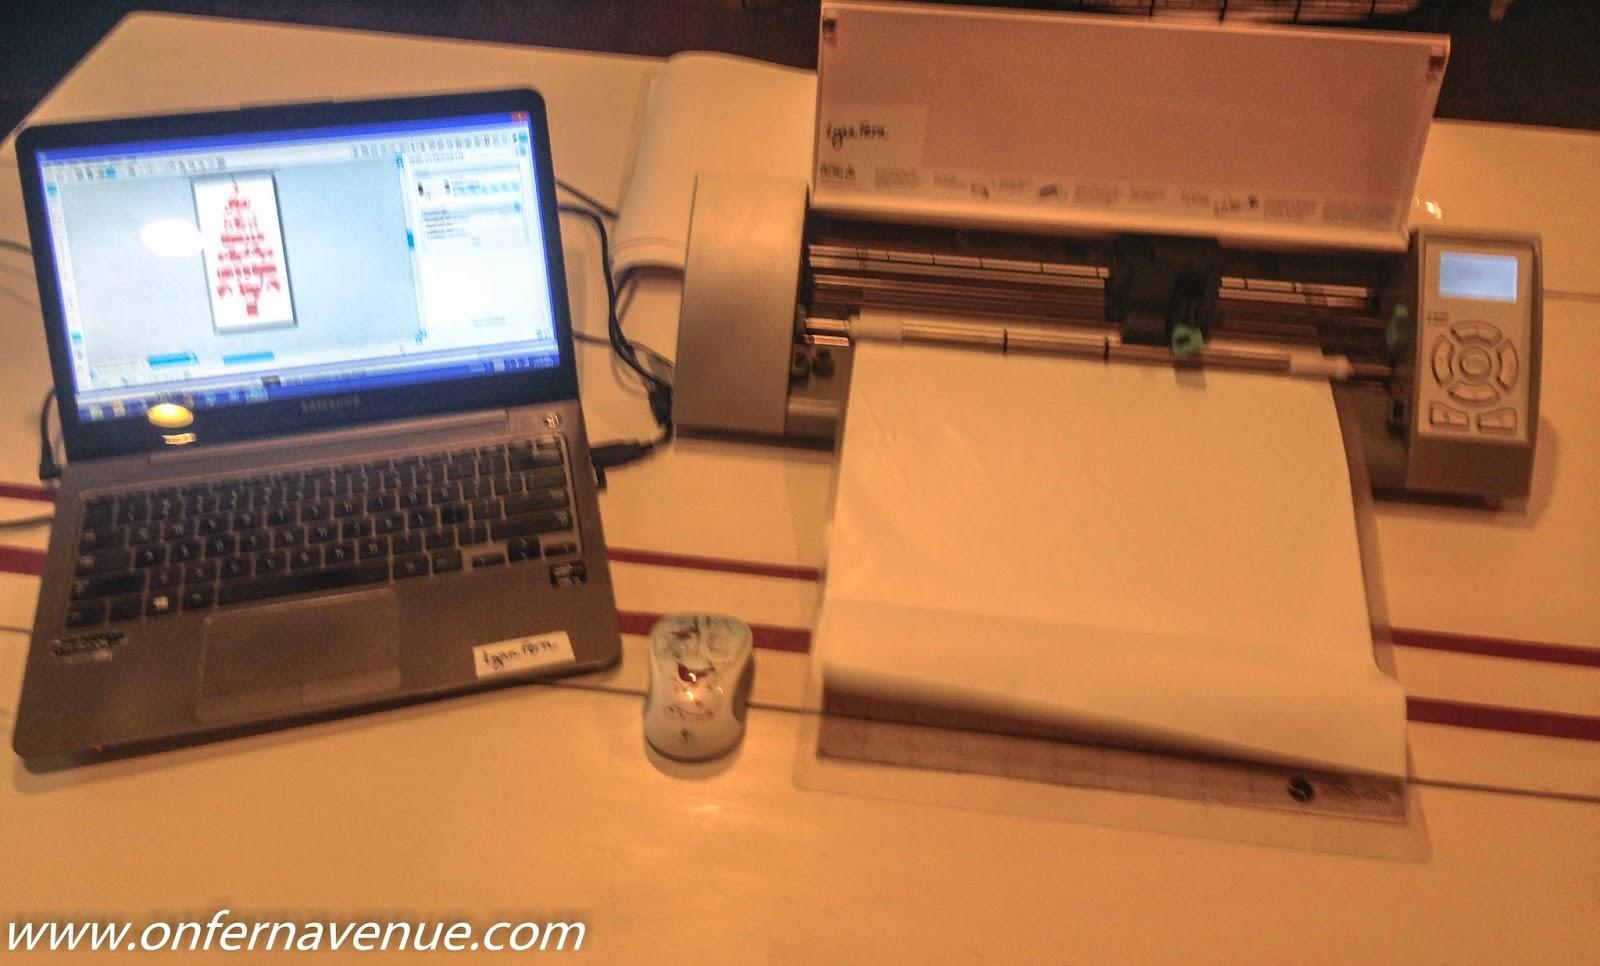 www.onfernavenue.com_sihouette